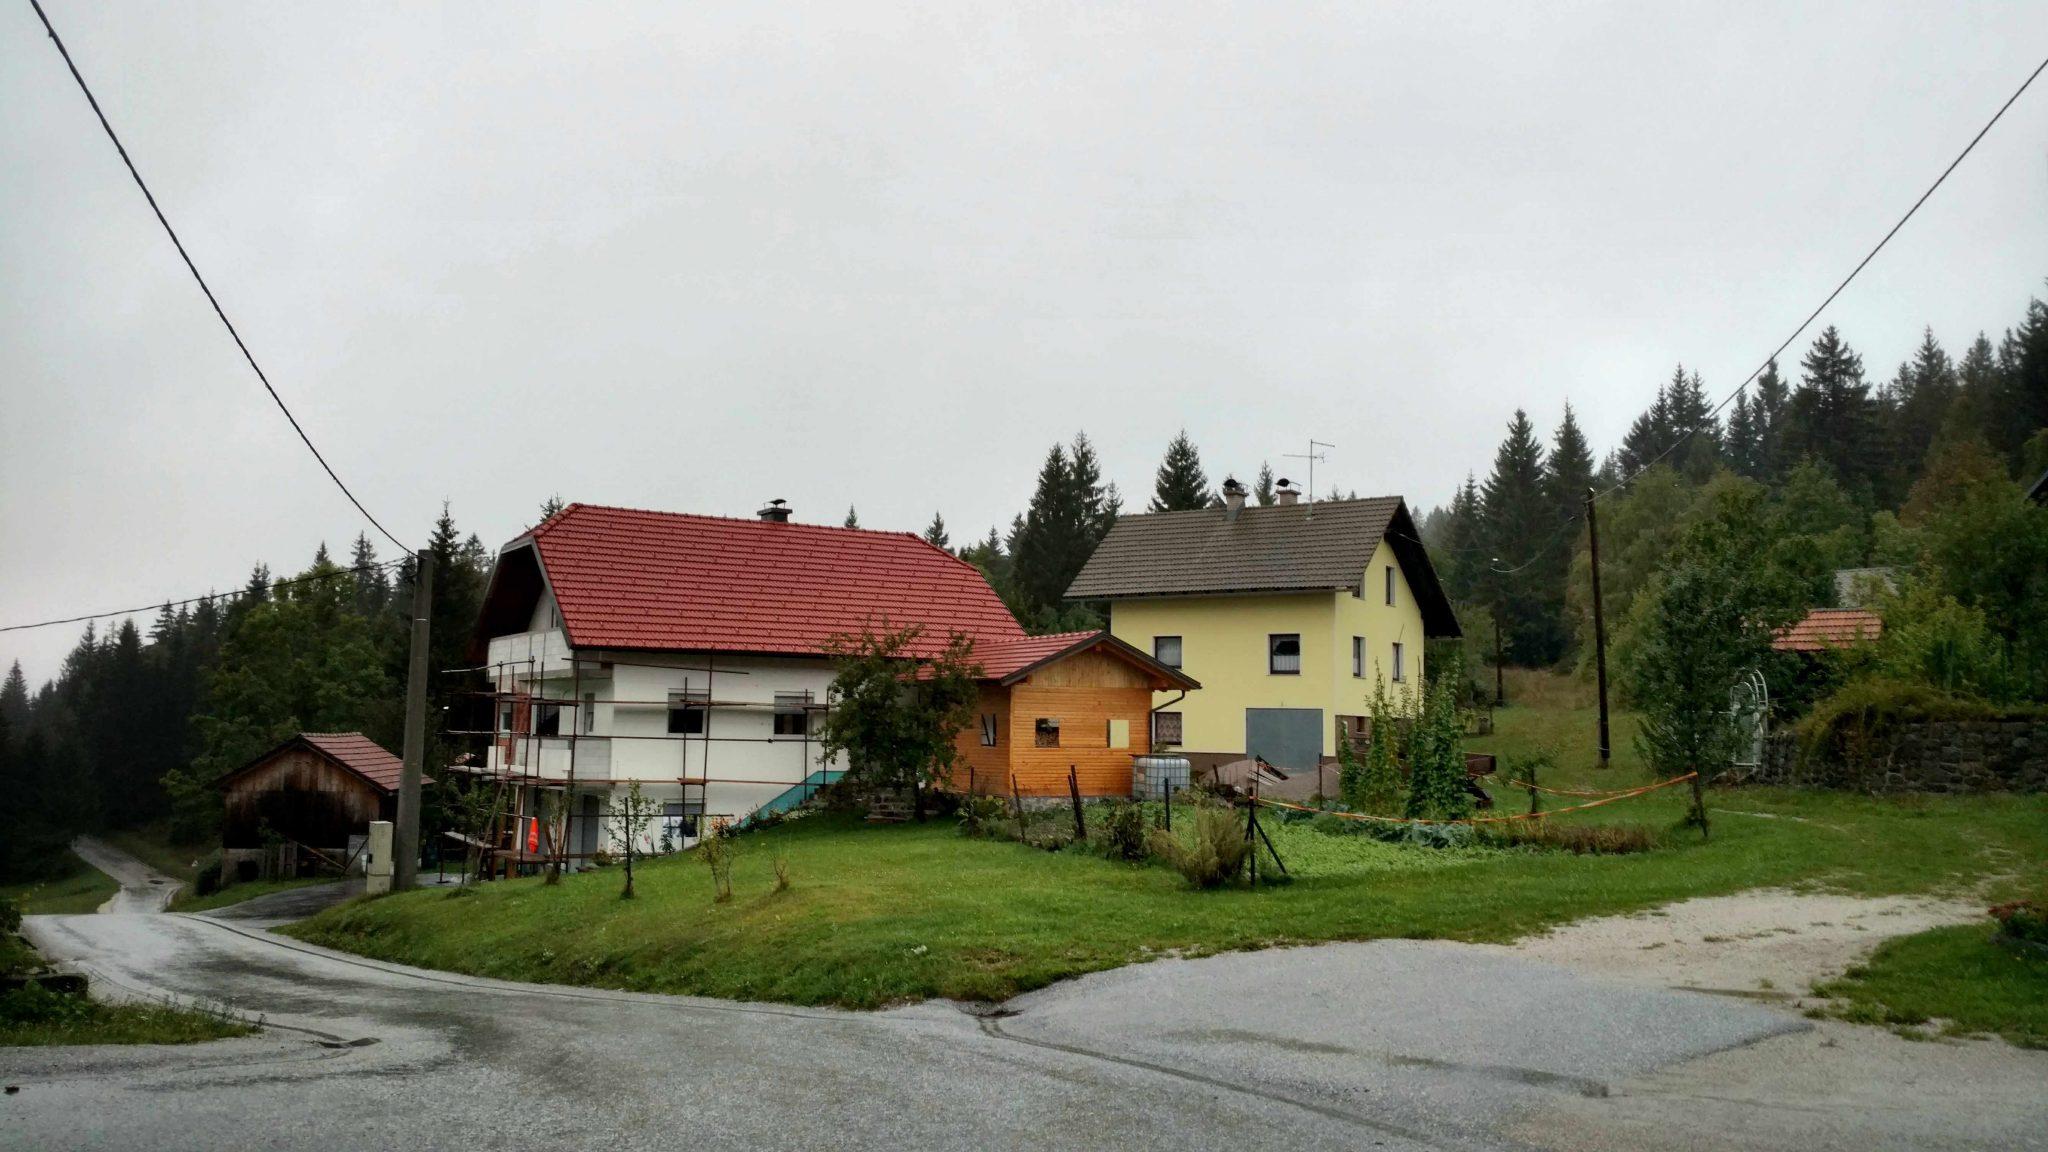 Bela_voda_dorpje_slovenie_loski_potok_kočevje